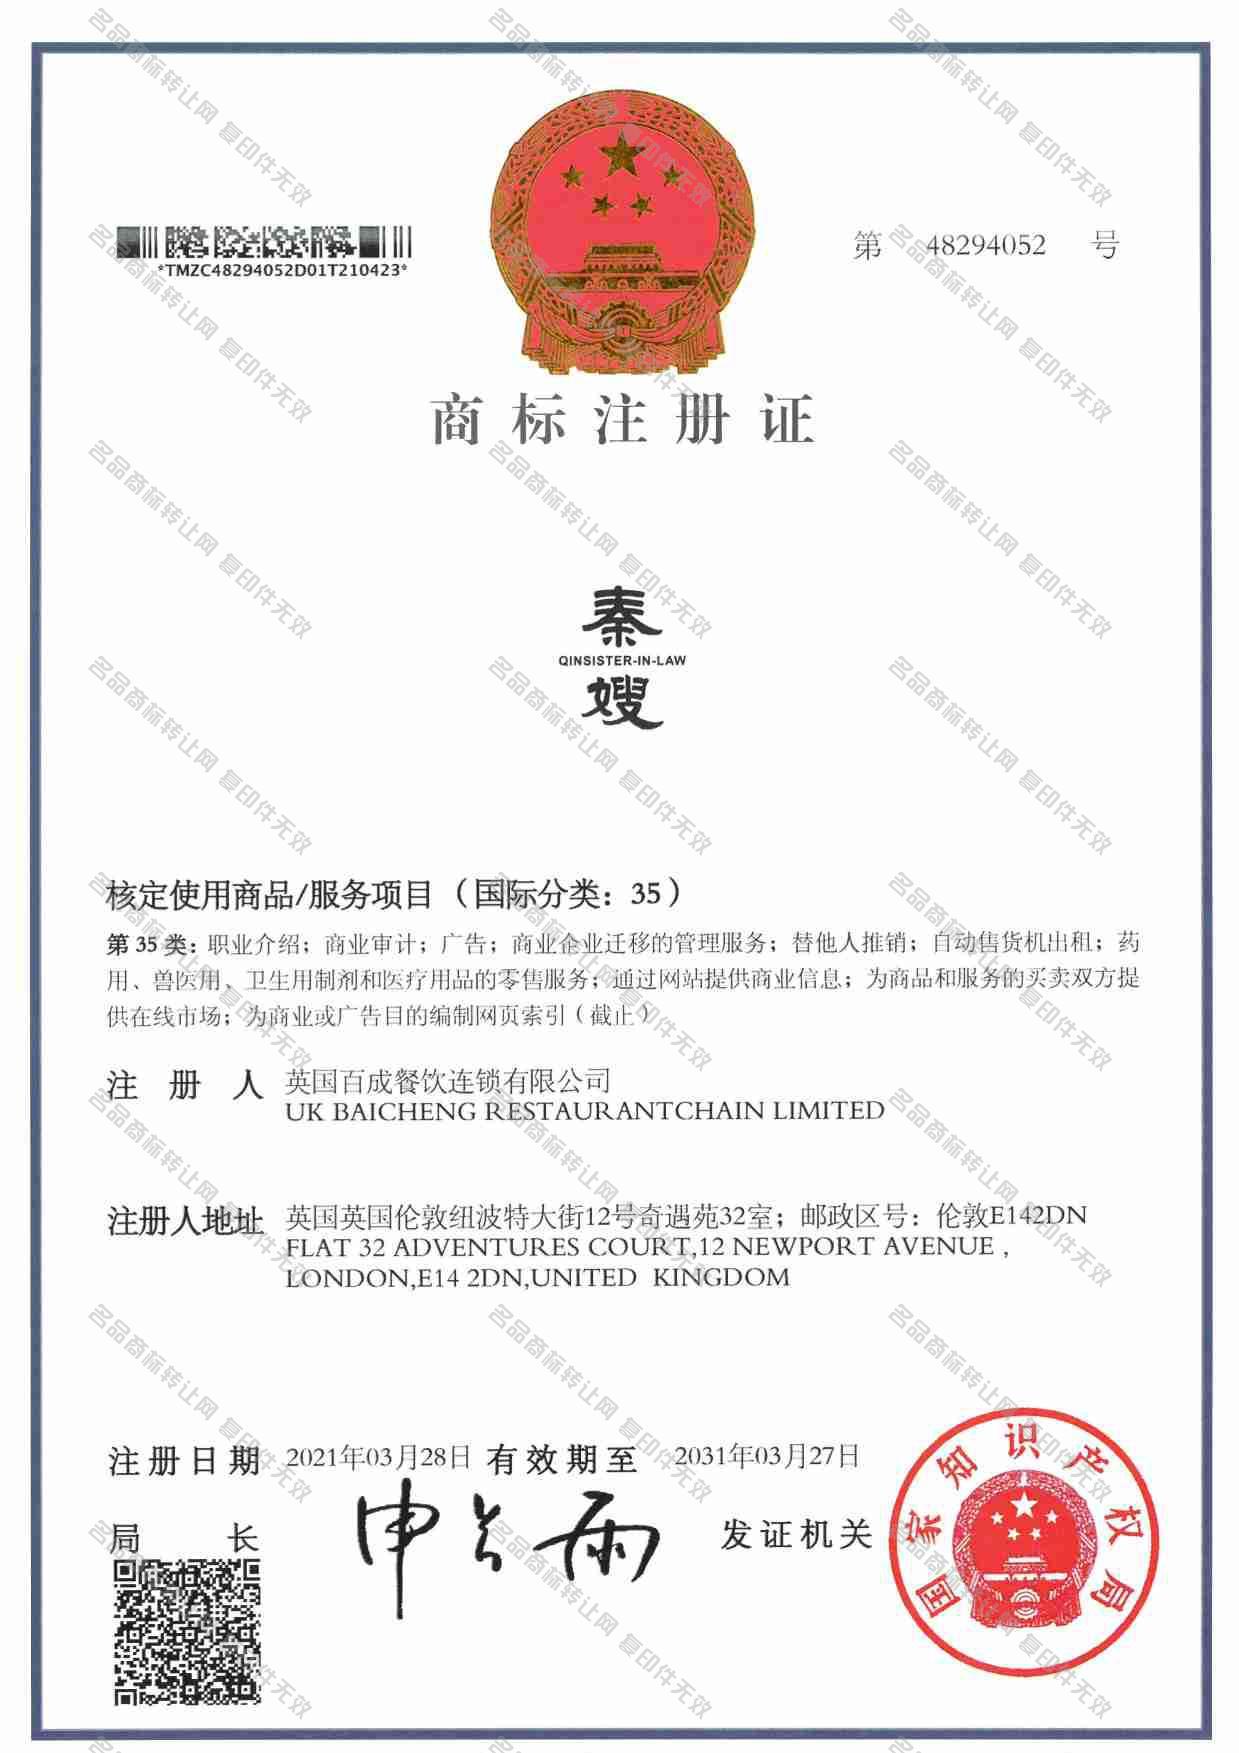 秦嫂 QINSISTER-IN-LAW注册证